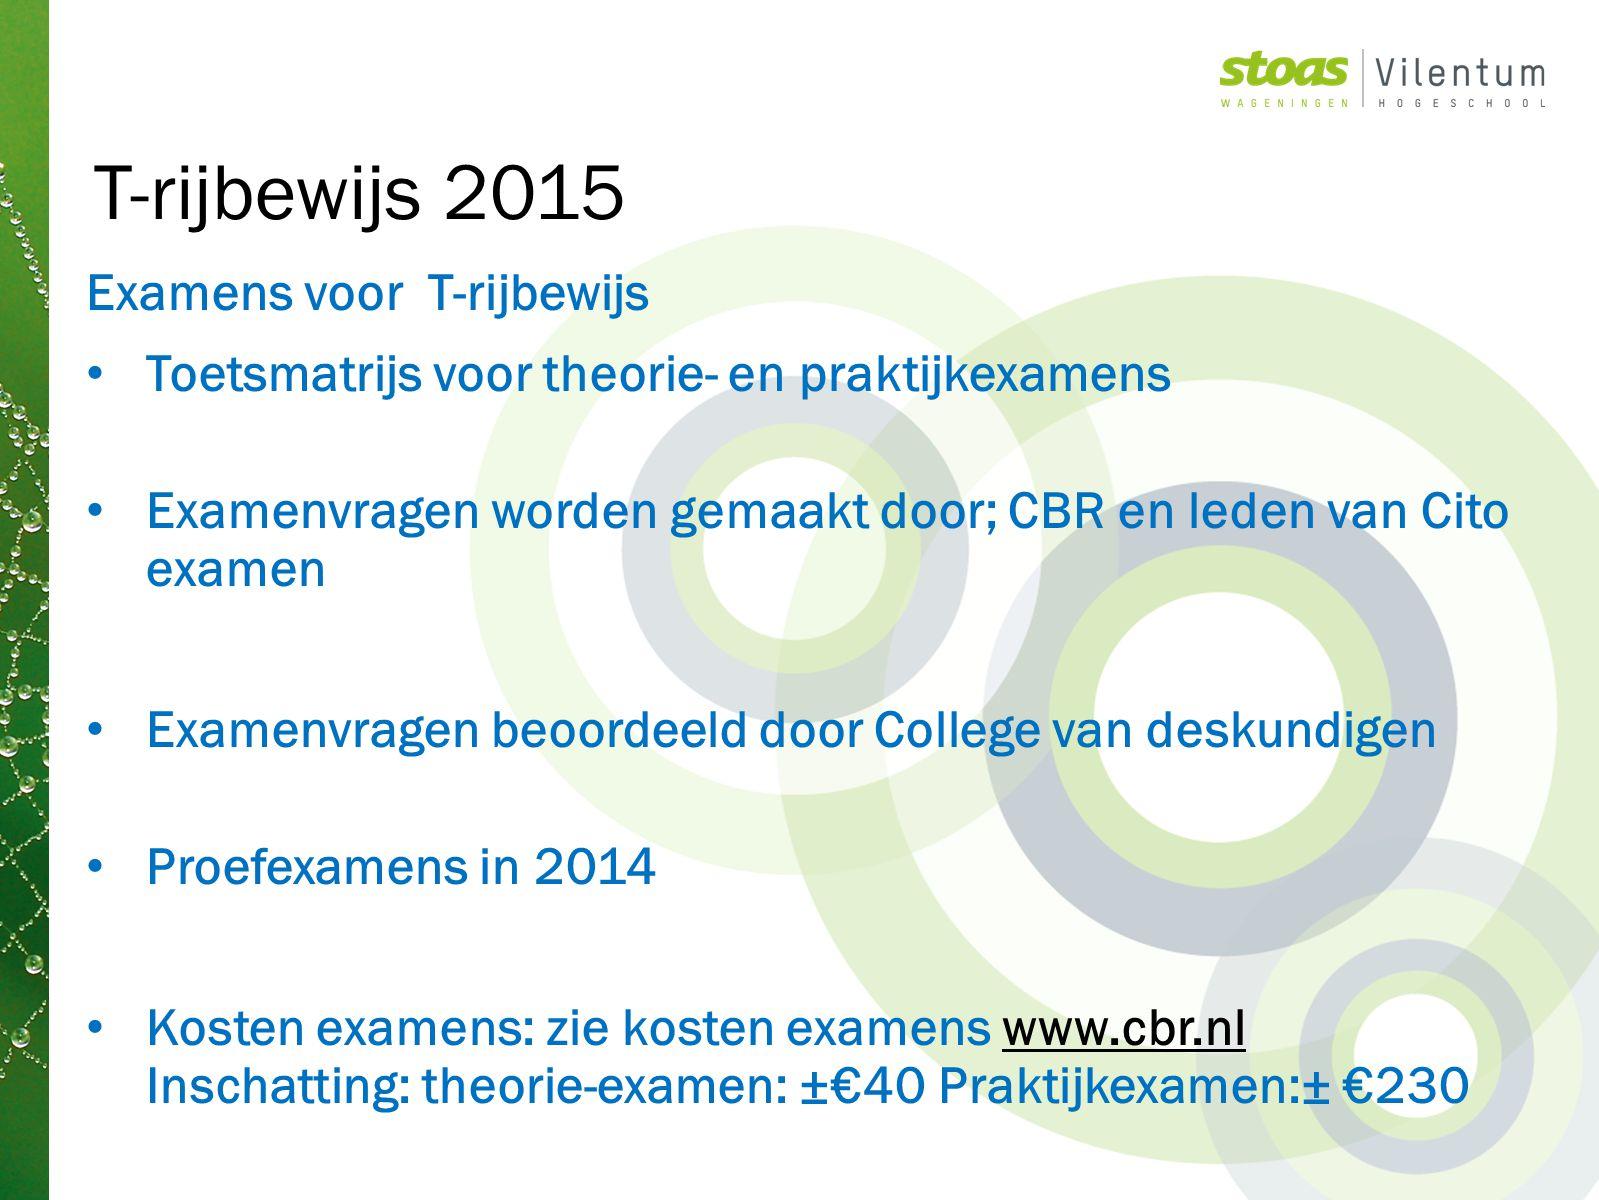 T-rijbewijs 2015 Examens voor T-rijbewijs